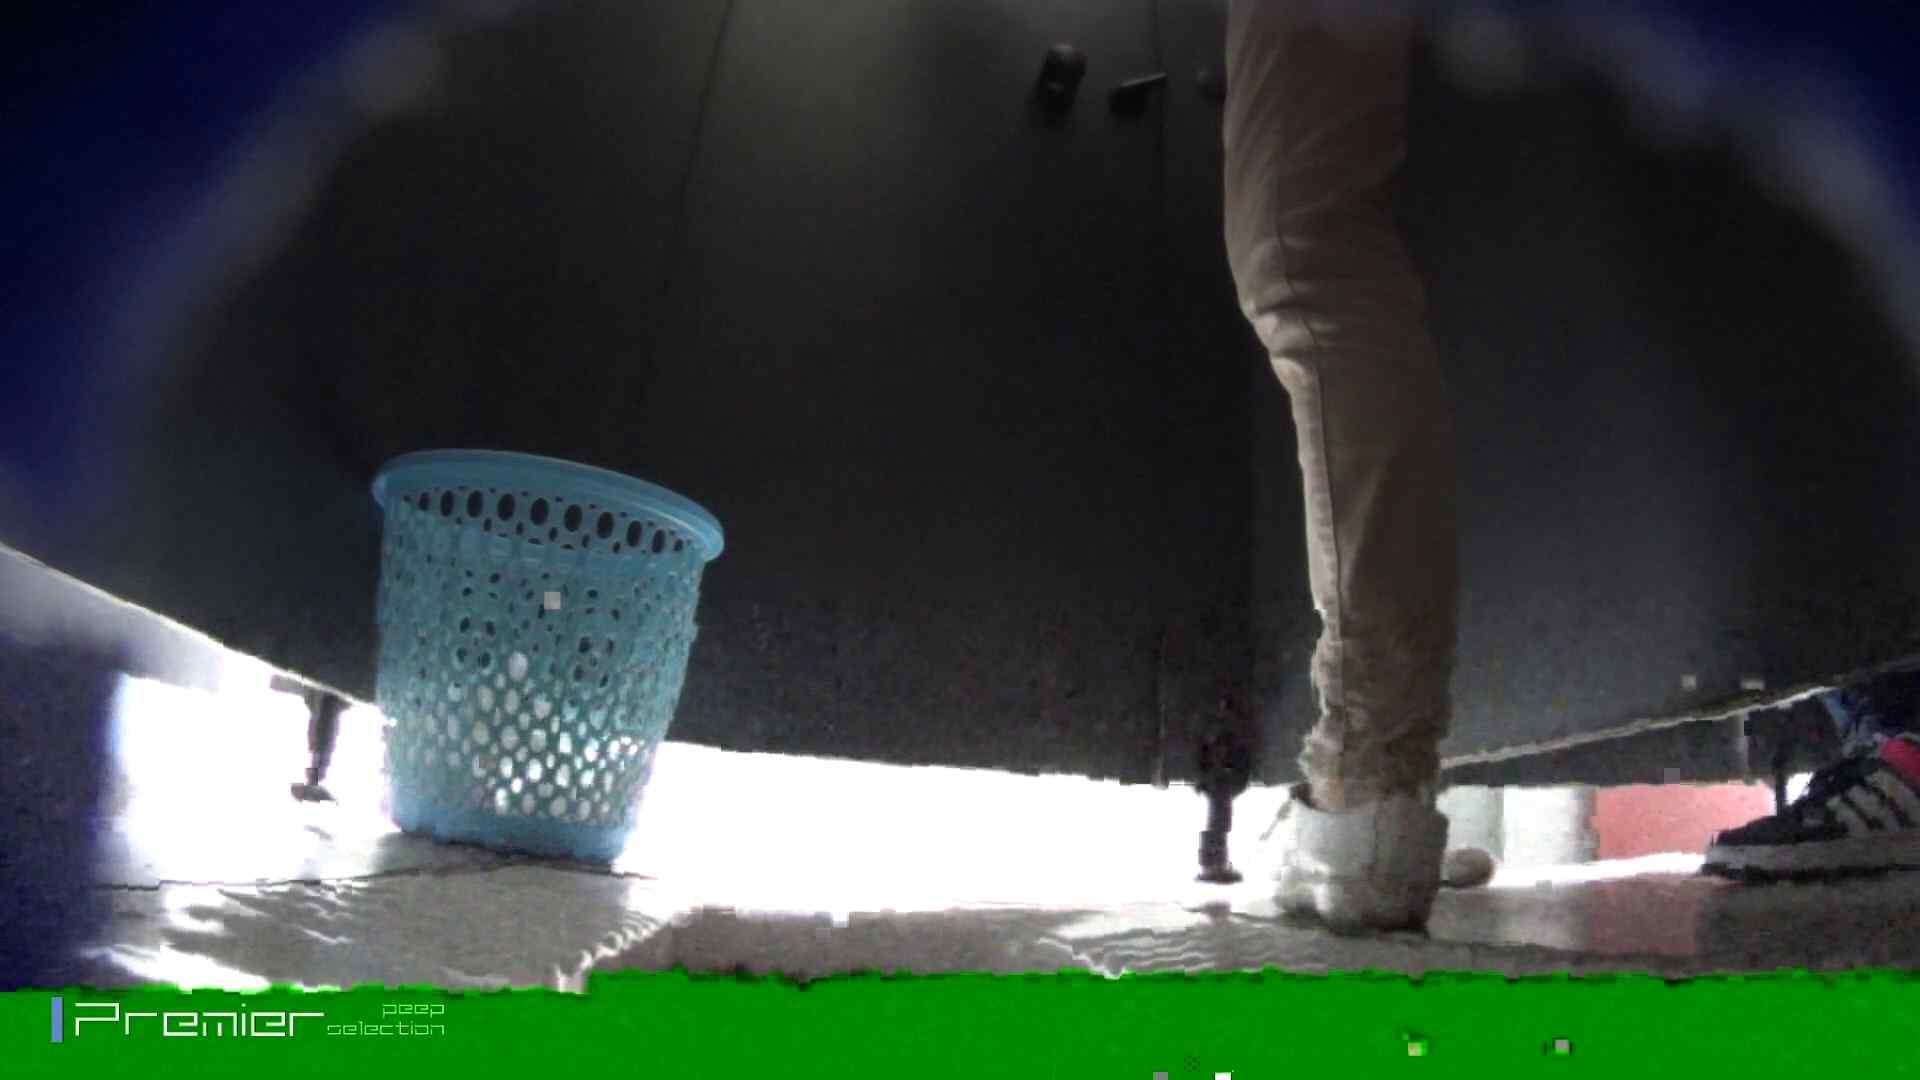 清楚なJDトイレ盗撮 大学休憩時間の洗面所事情41 美女 | トイレ  57pic 36